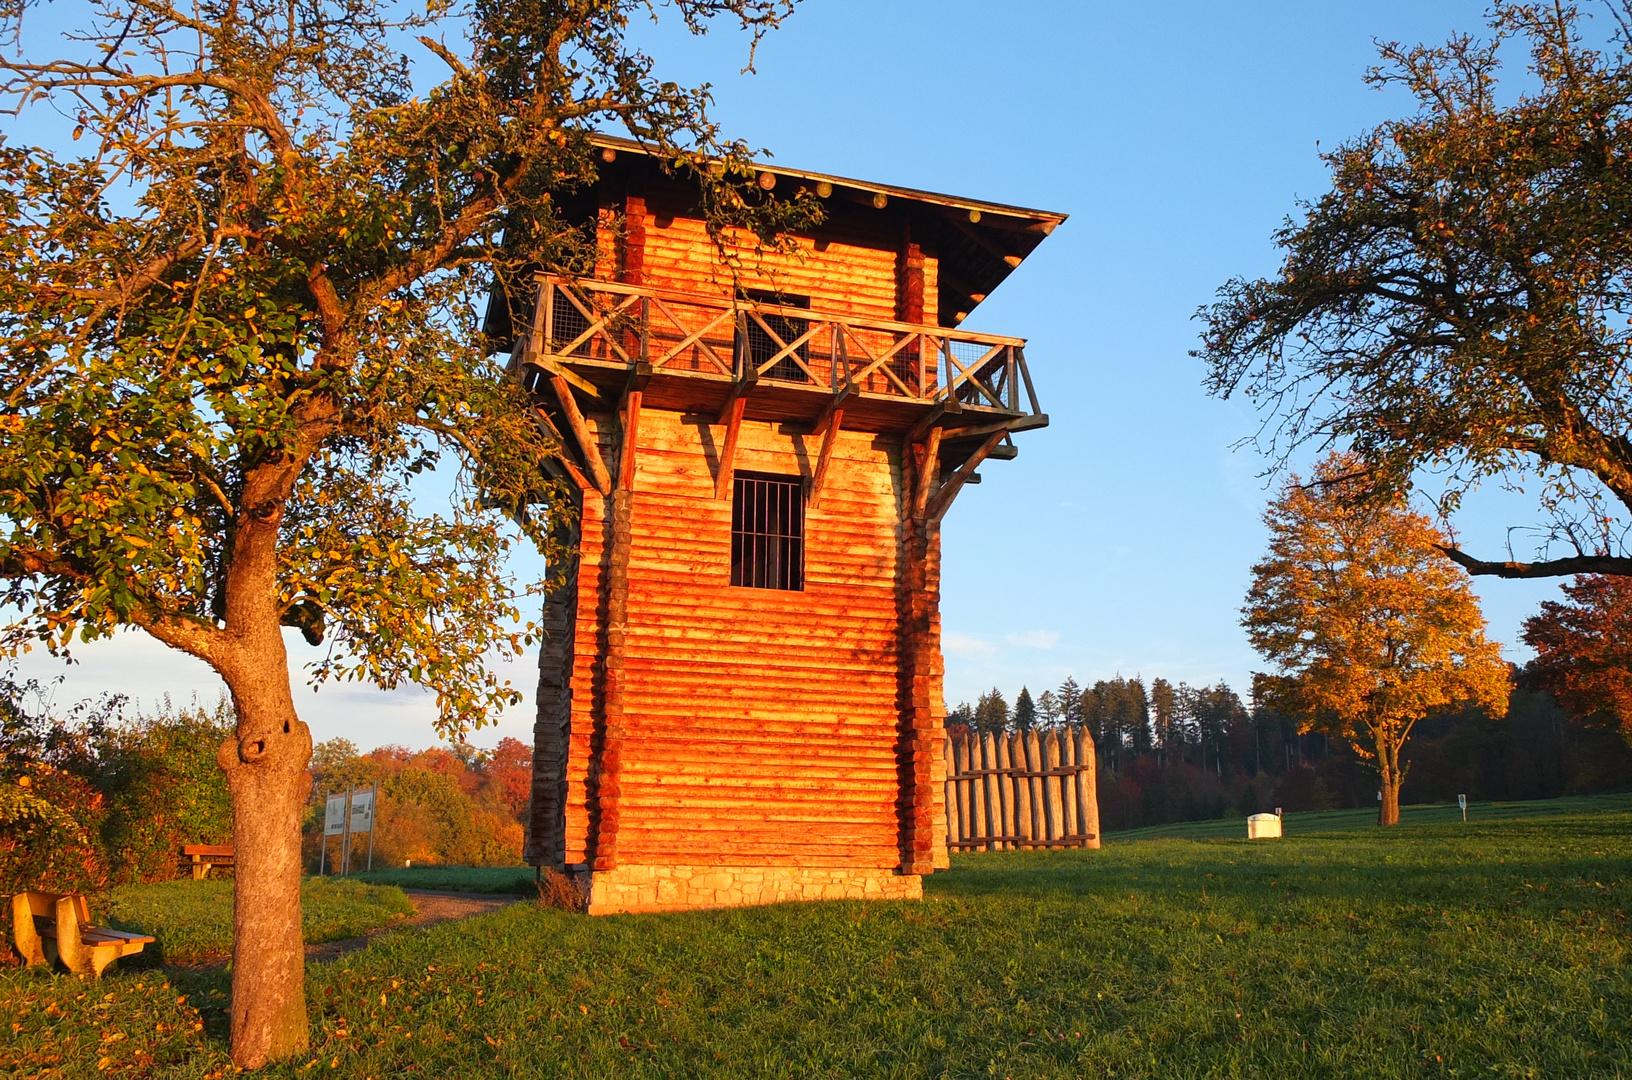 Römerturm in der Morgensonne